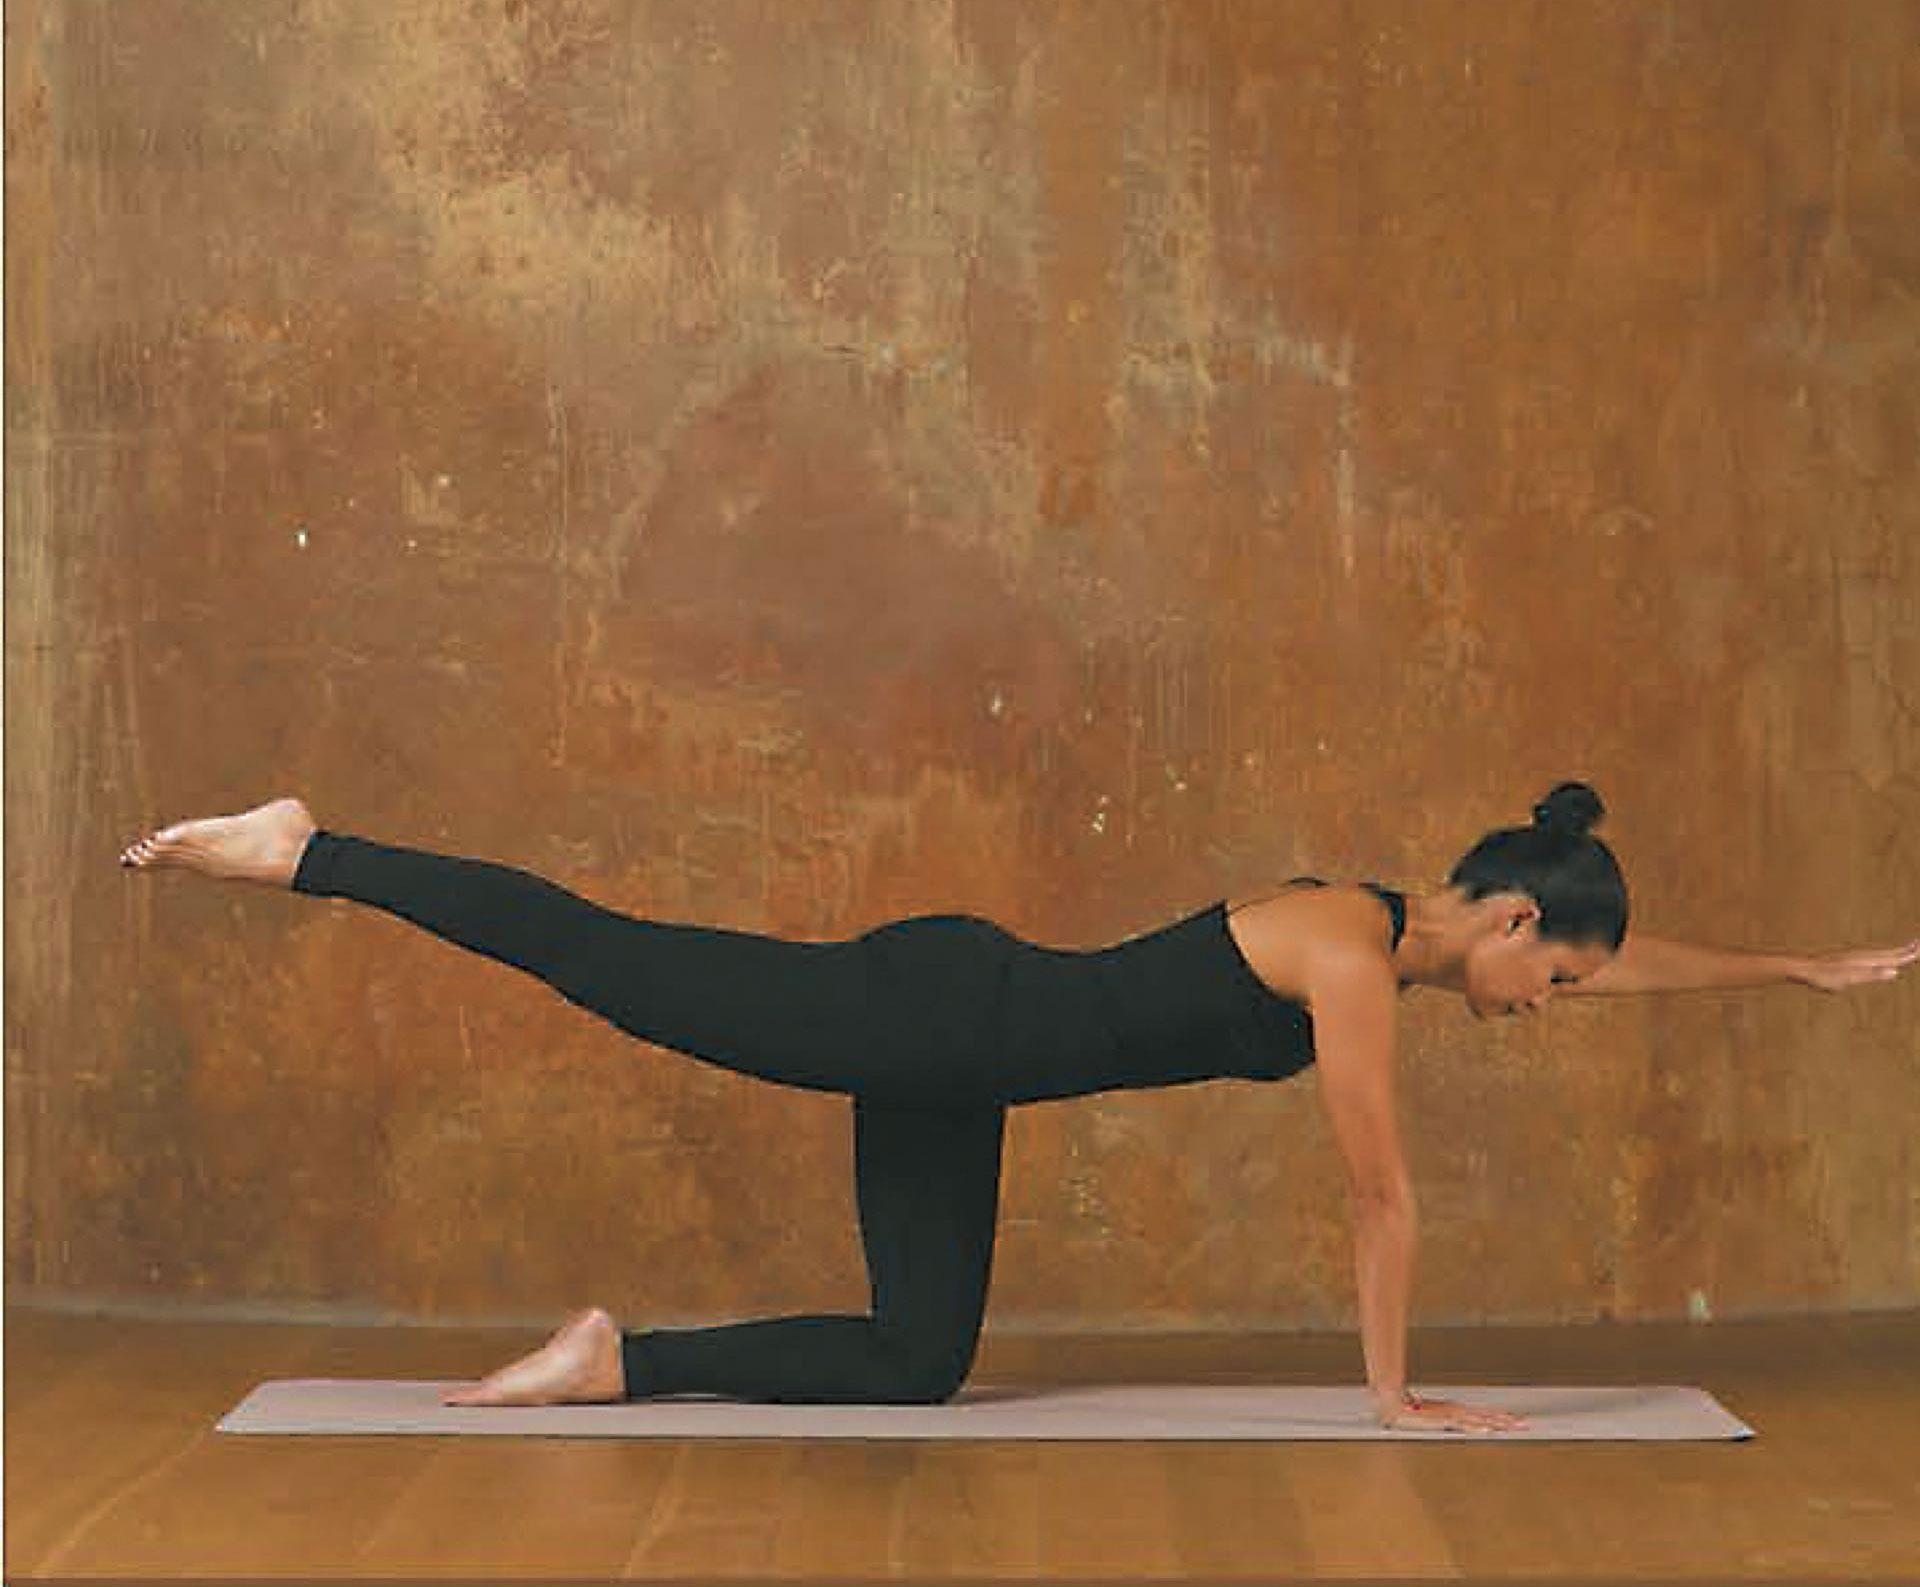 3. Ponete sobre manos y rodillas como la postura de gato.